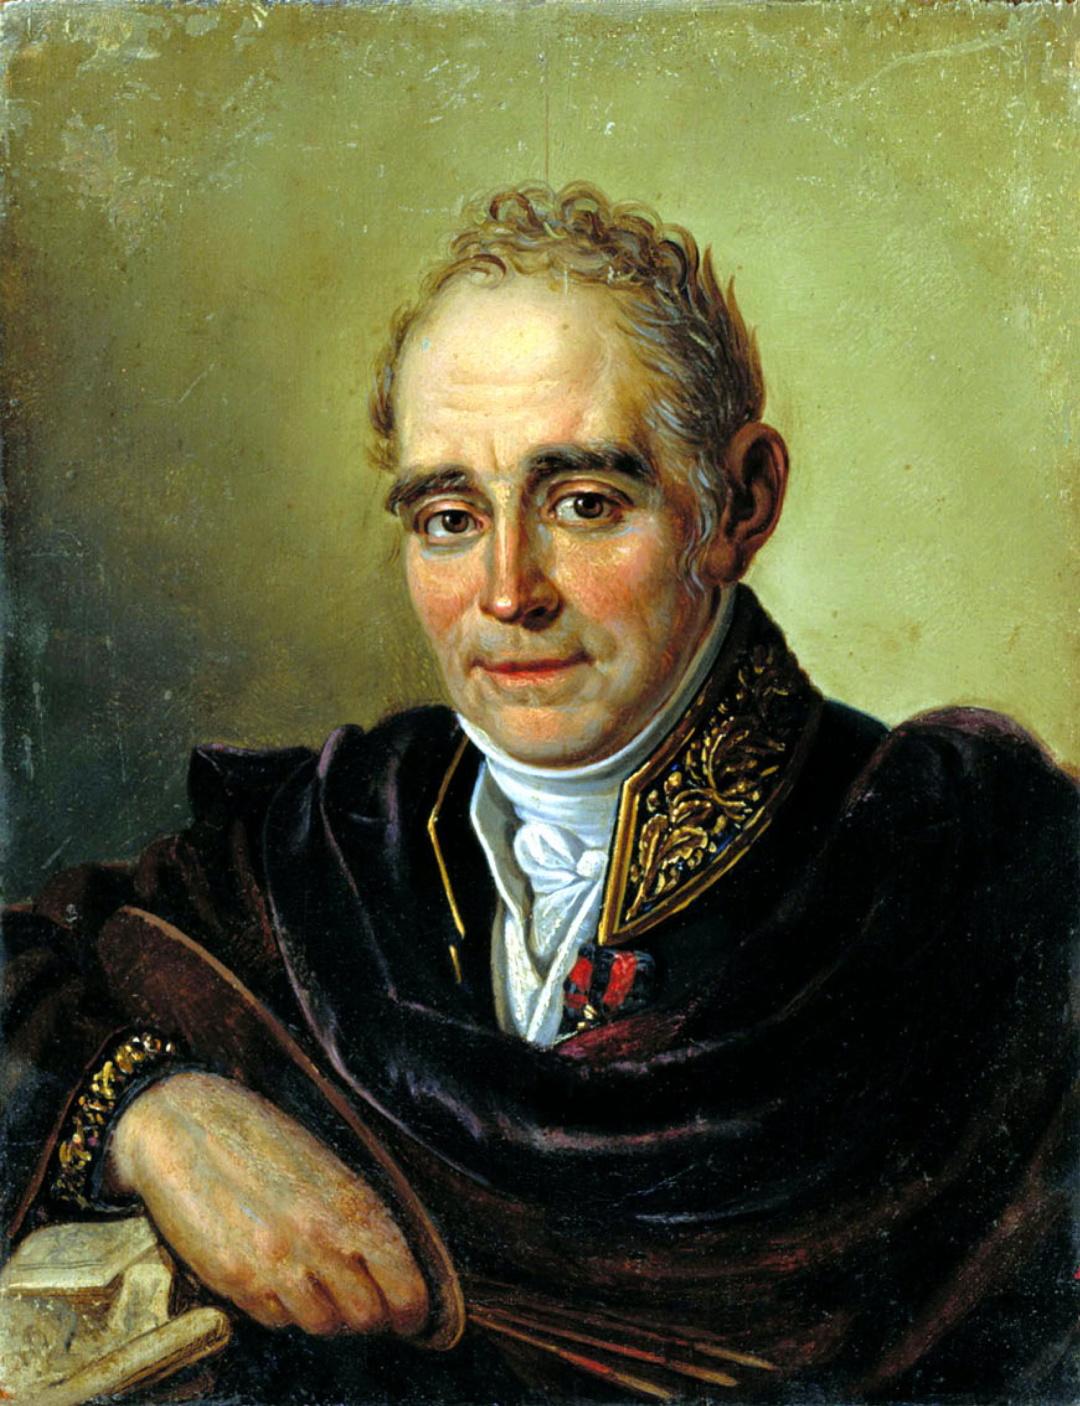 1-портрет В. Л. Боровиковського роботи Івана Бугаєвського-Благодатного, 1824 р.